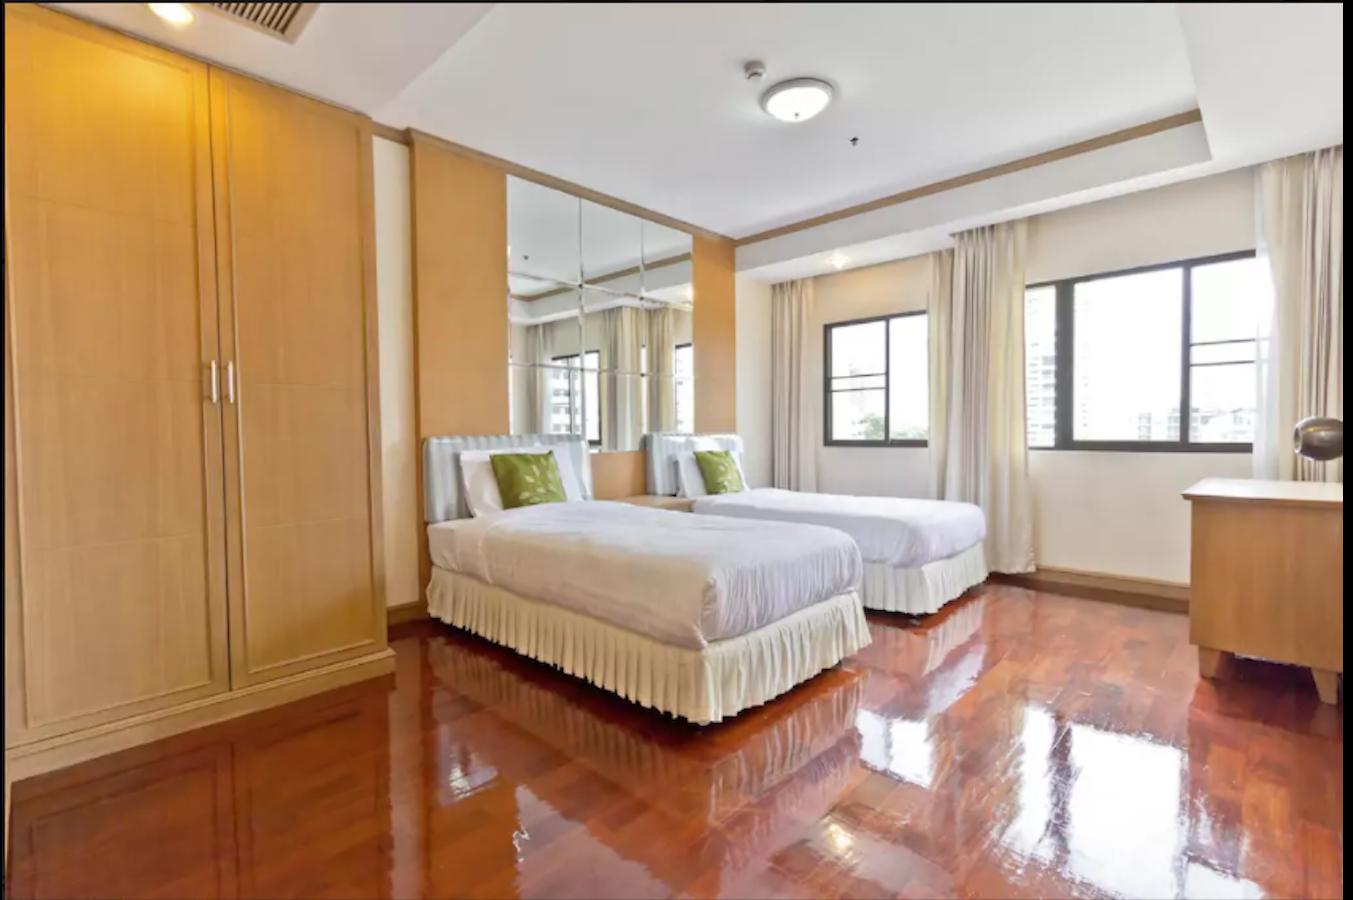 Private Condo in Hippest Area 2 Bedroom